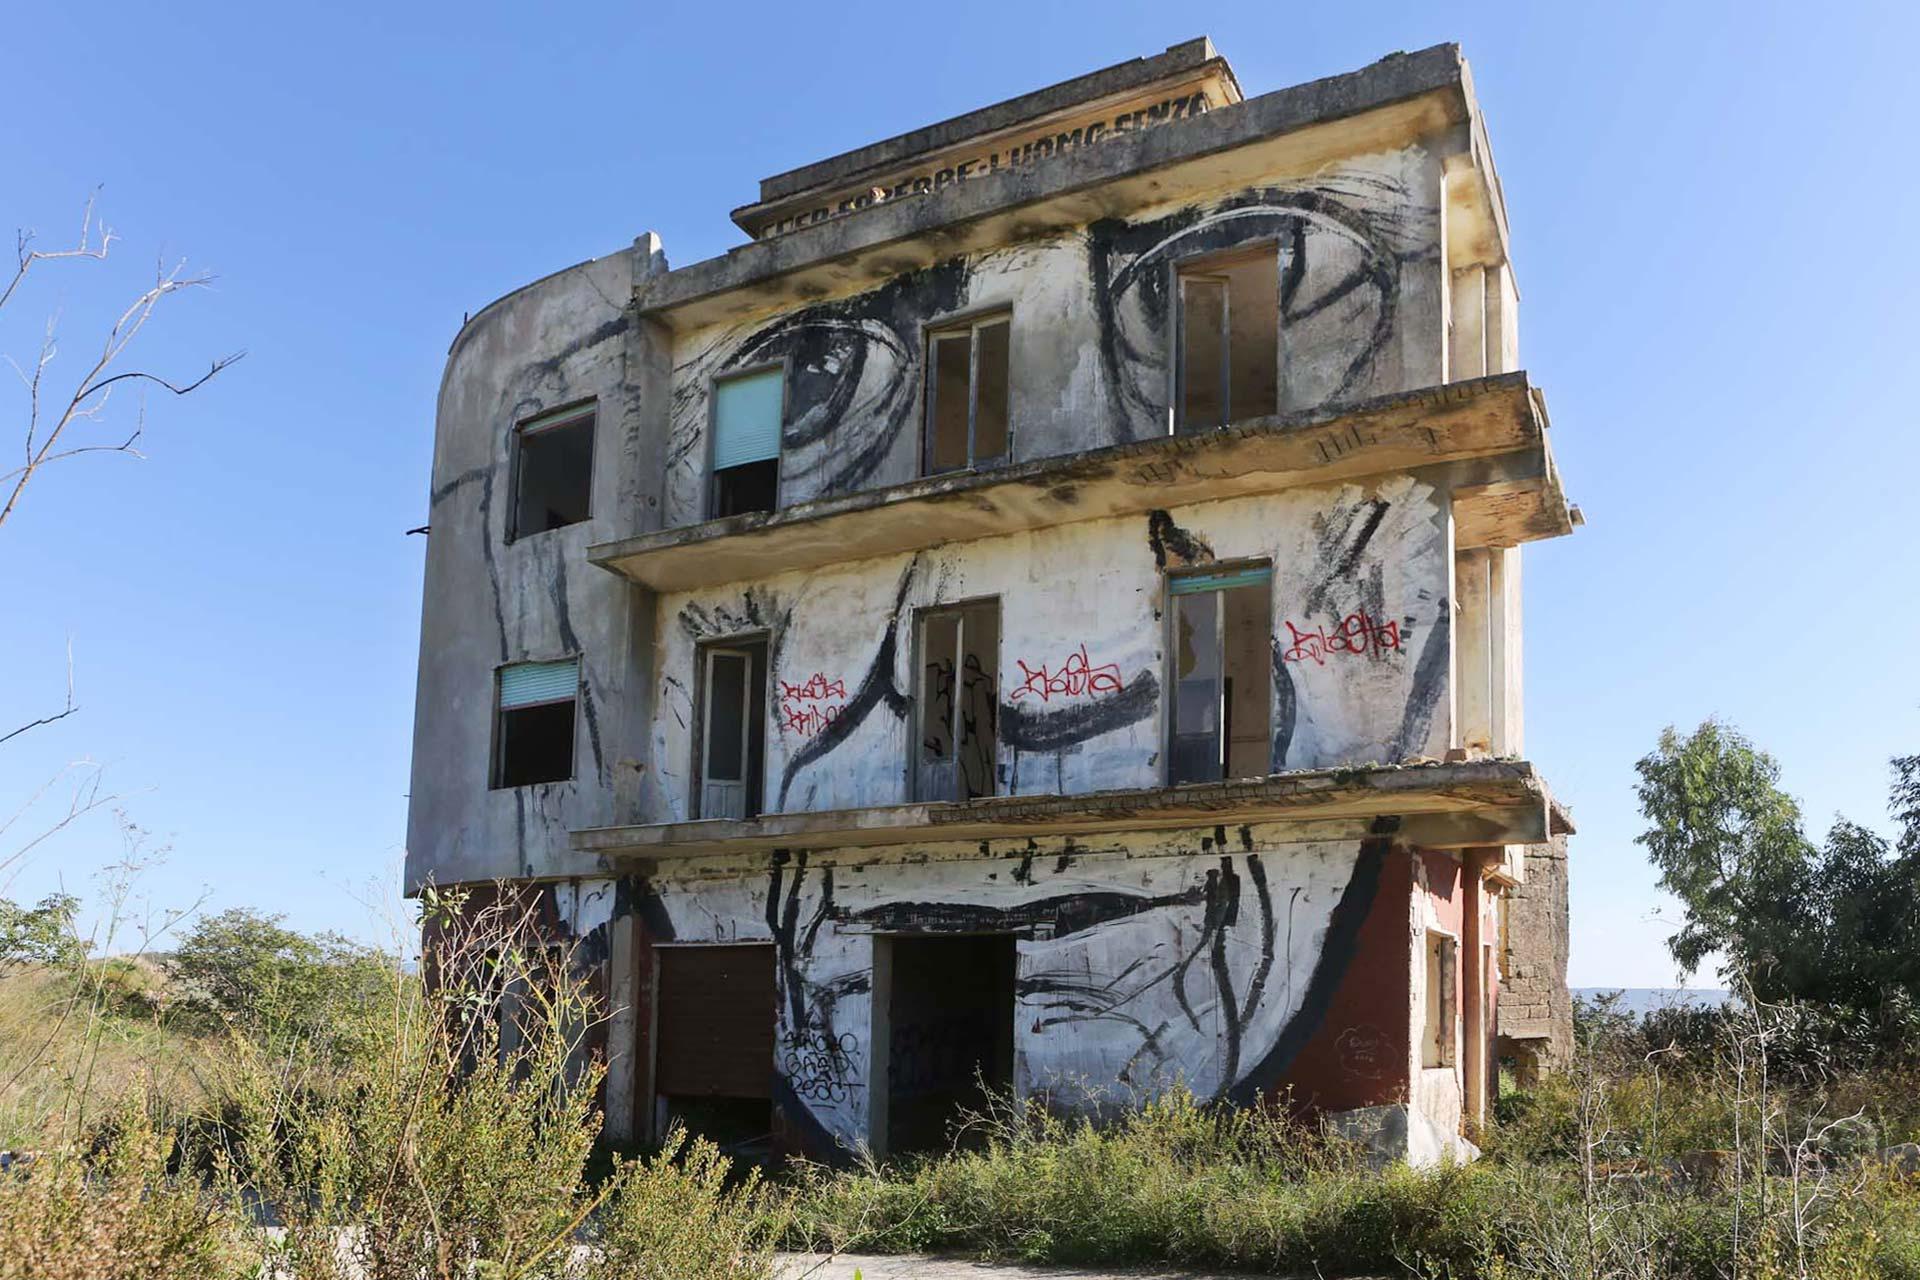 Dieses Haus, da aus Beton und erdbebensicher gebaut, blieb als eines der wenigen Häuser stehen.